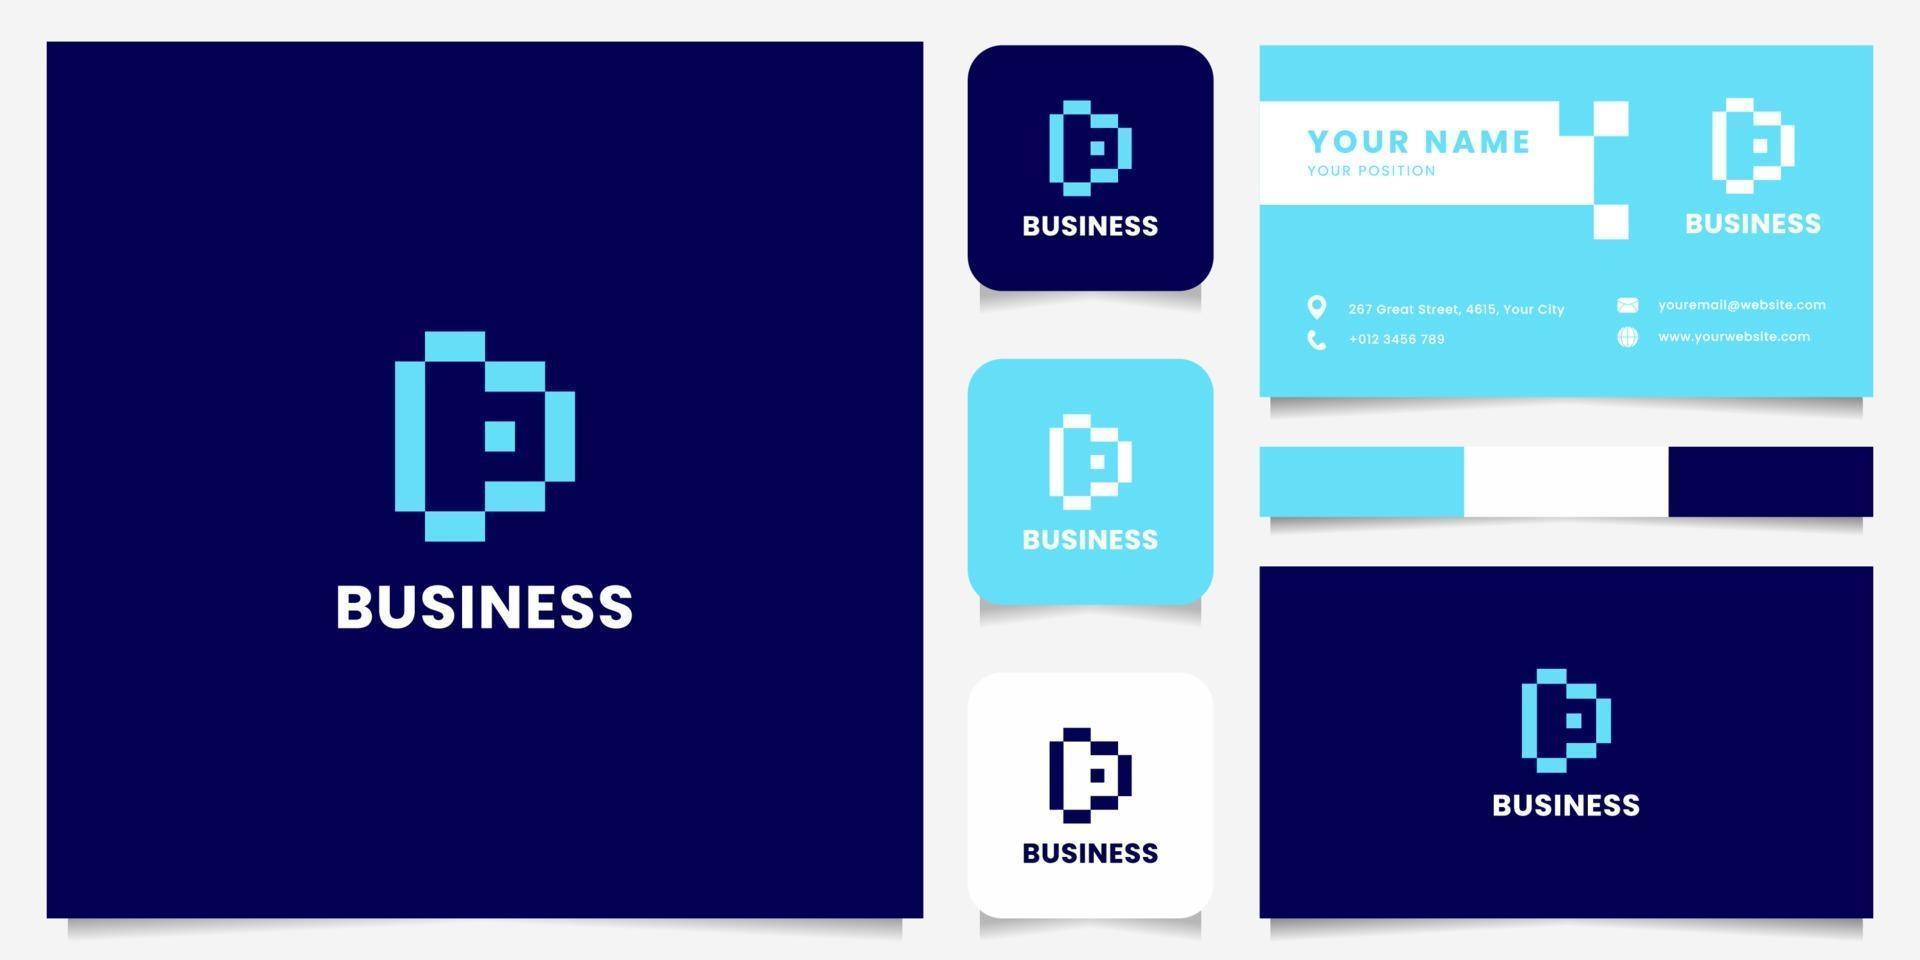 eenvoudig en minimalistisch blauw pixel letter d-logo met sjabloon voor visitekaartjes vector